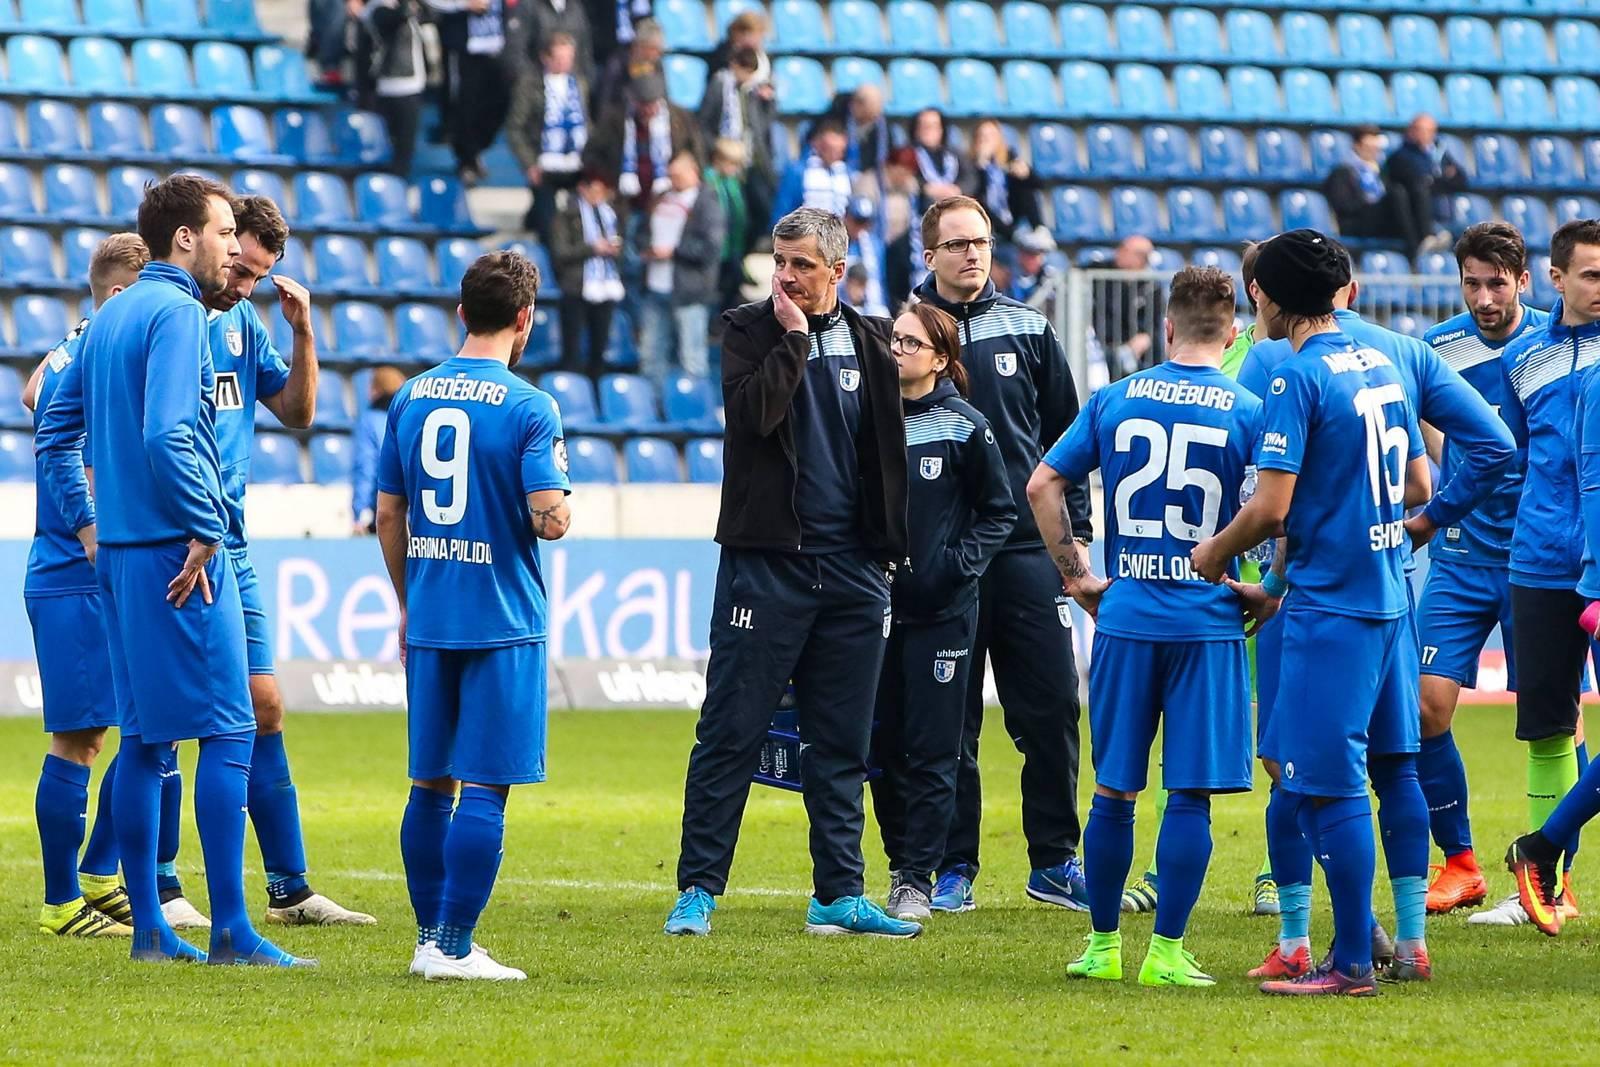 Magdeburgs Trainer Jens Härtel wird umringt von seinen Spielern.